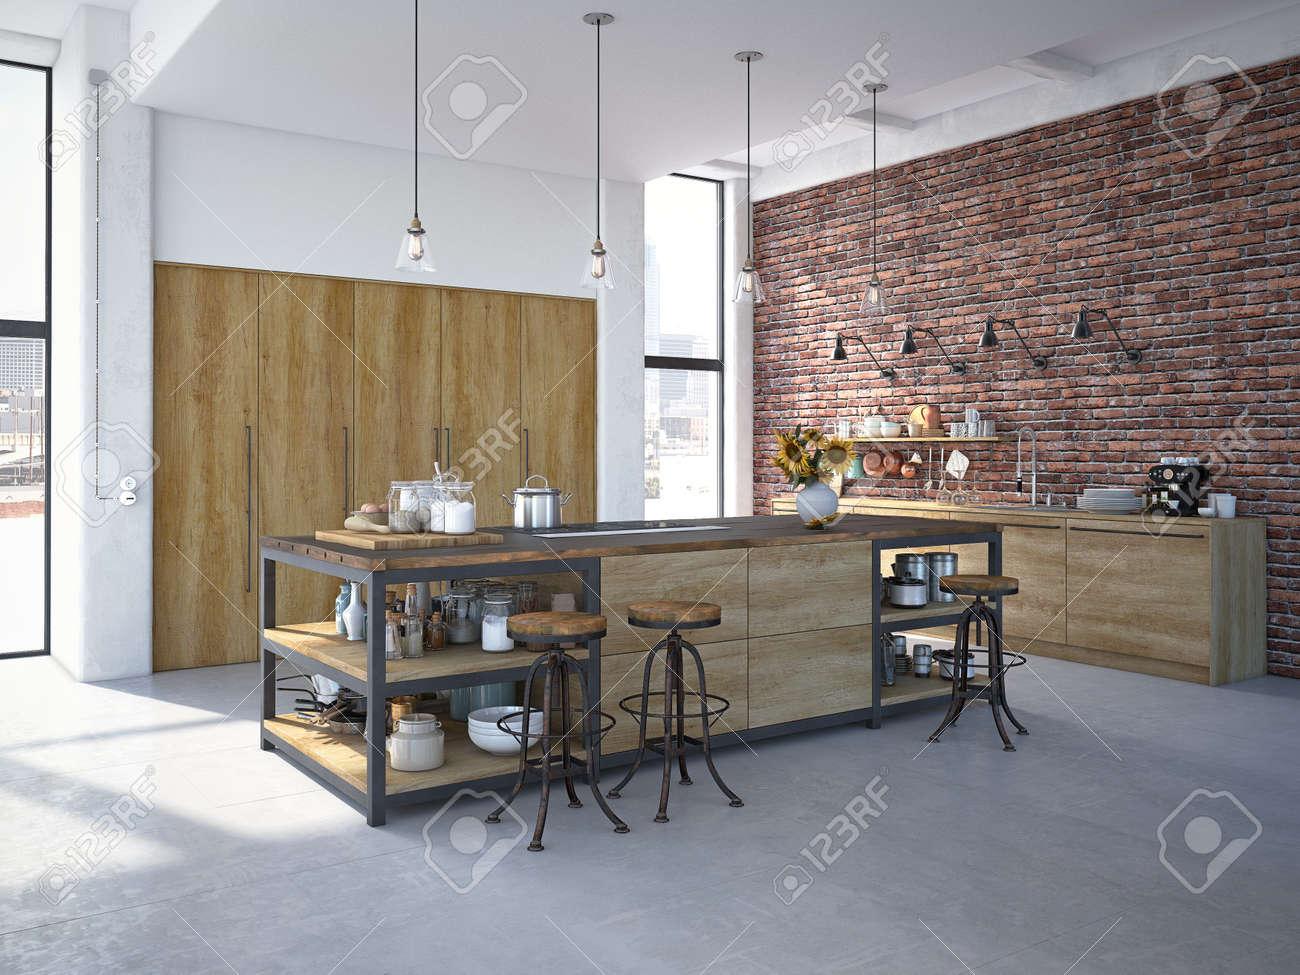 3d rendering of Modern Design Kitchen Interior - 61009523